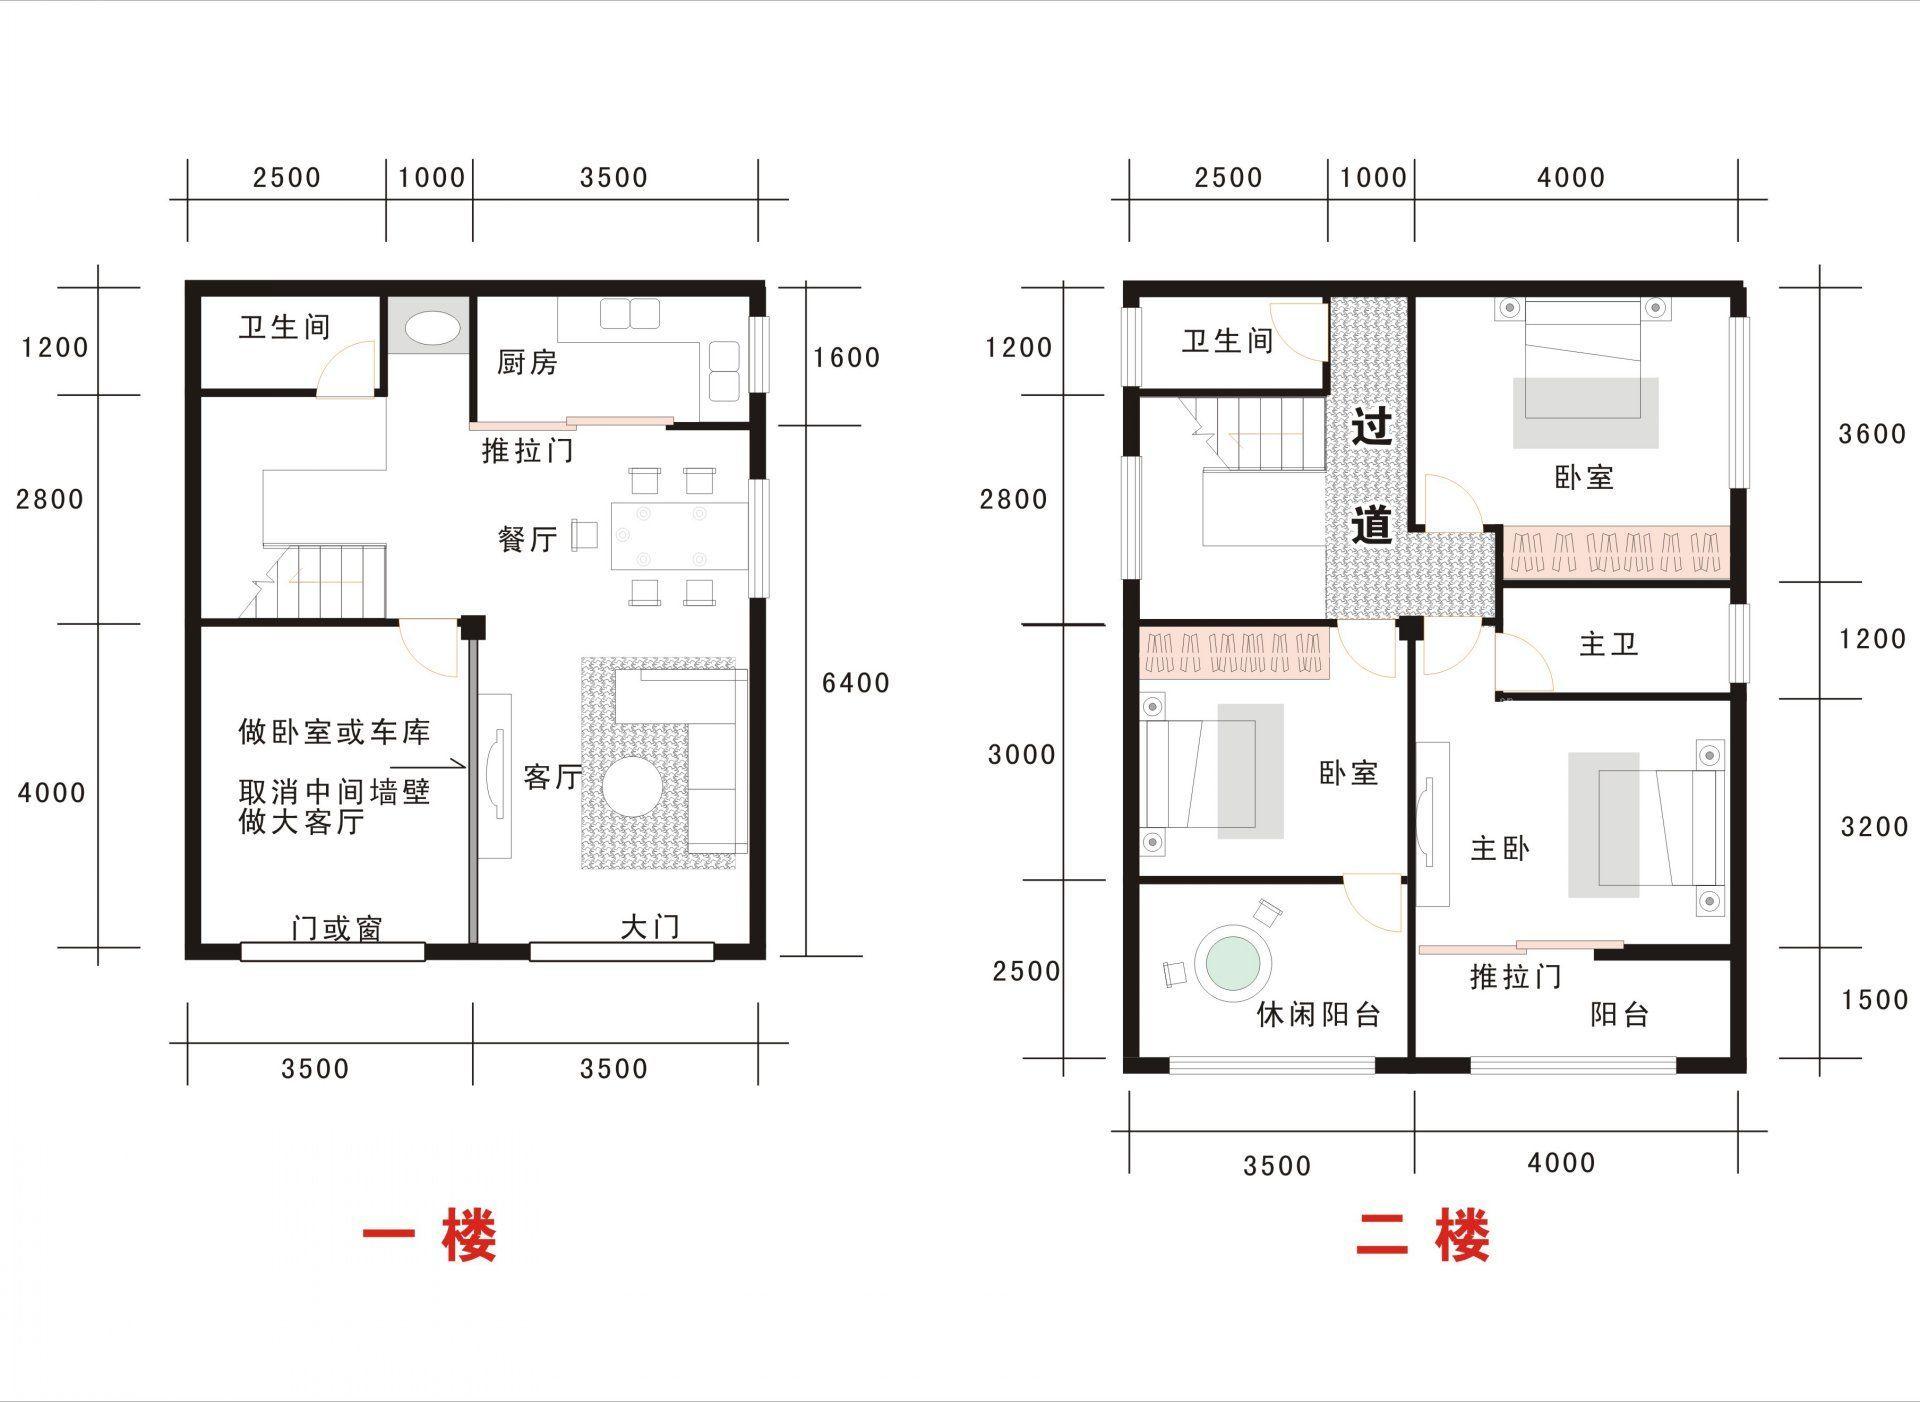 最新两层别墅设计平面图